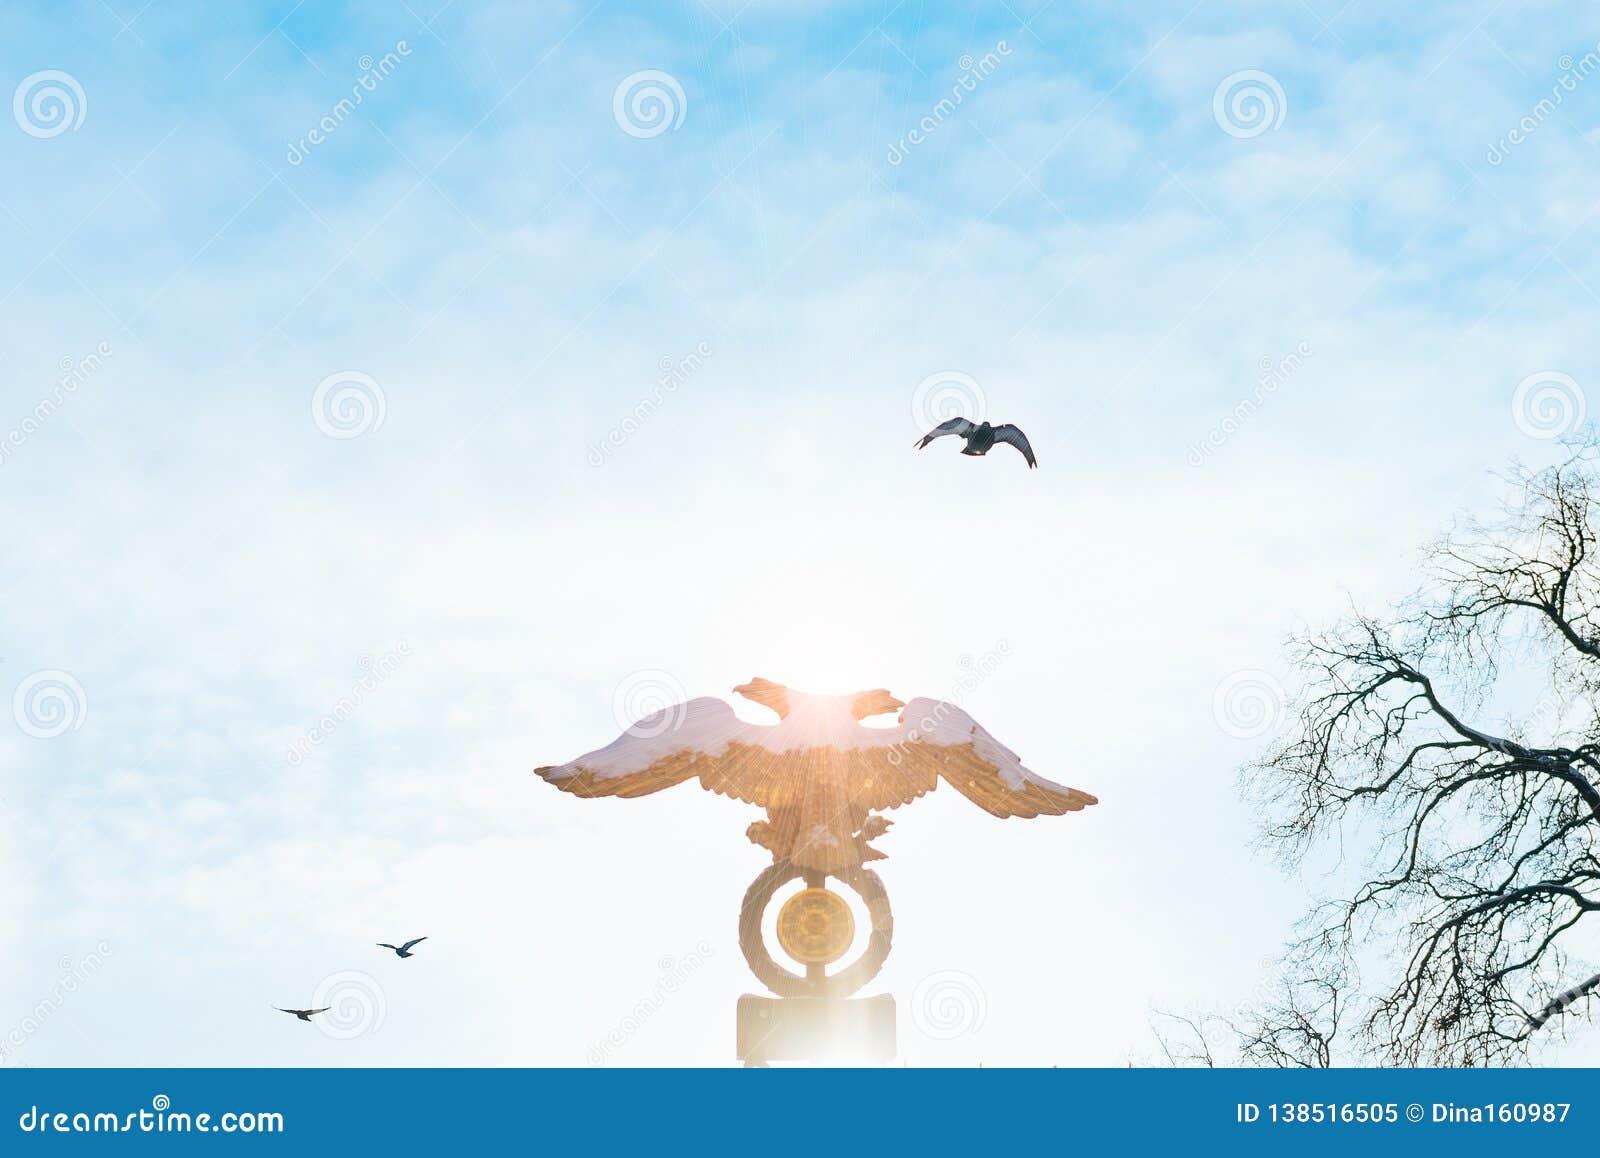 Aquila a due punte sul fondo del cielo ad alba con gli uccelli sui precedenti Emblema russo, doppia aquila intestata dorata